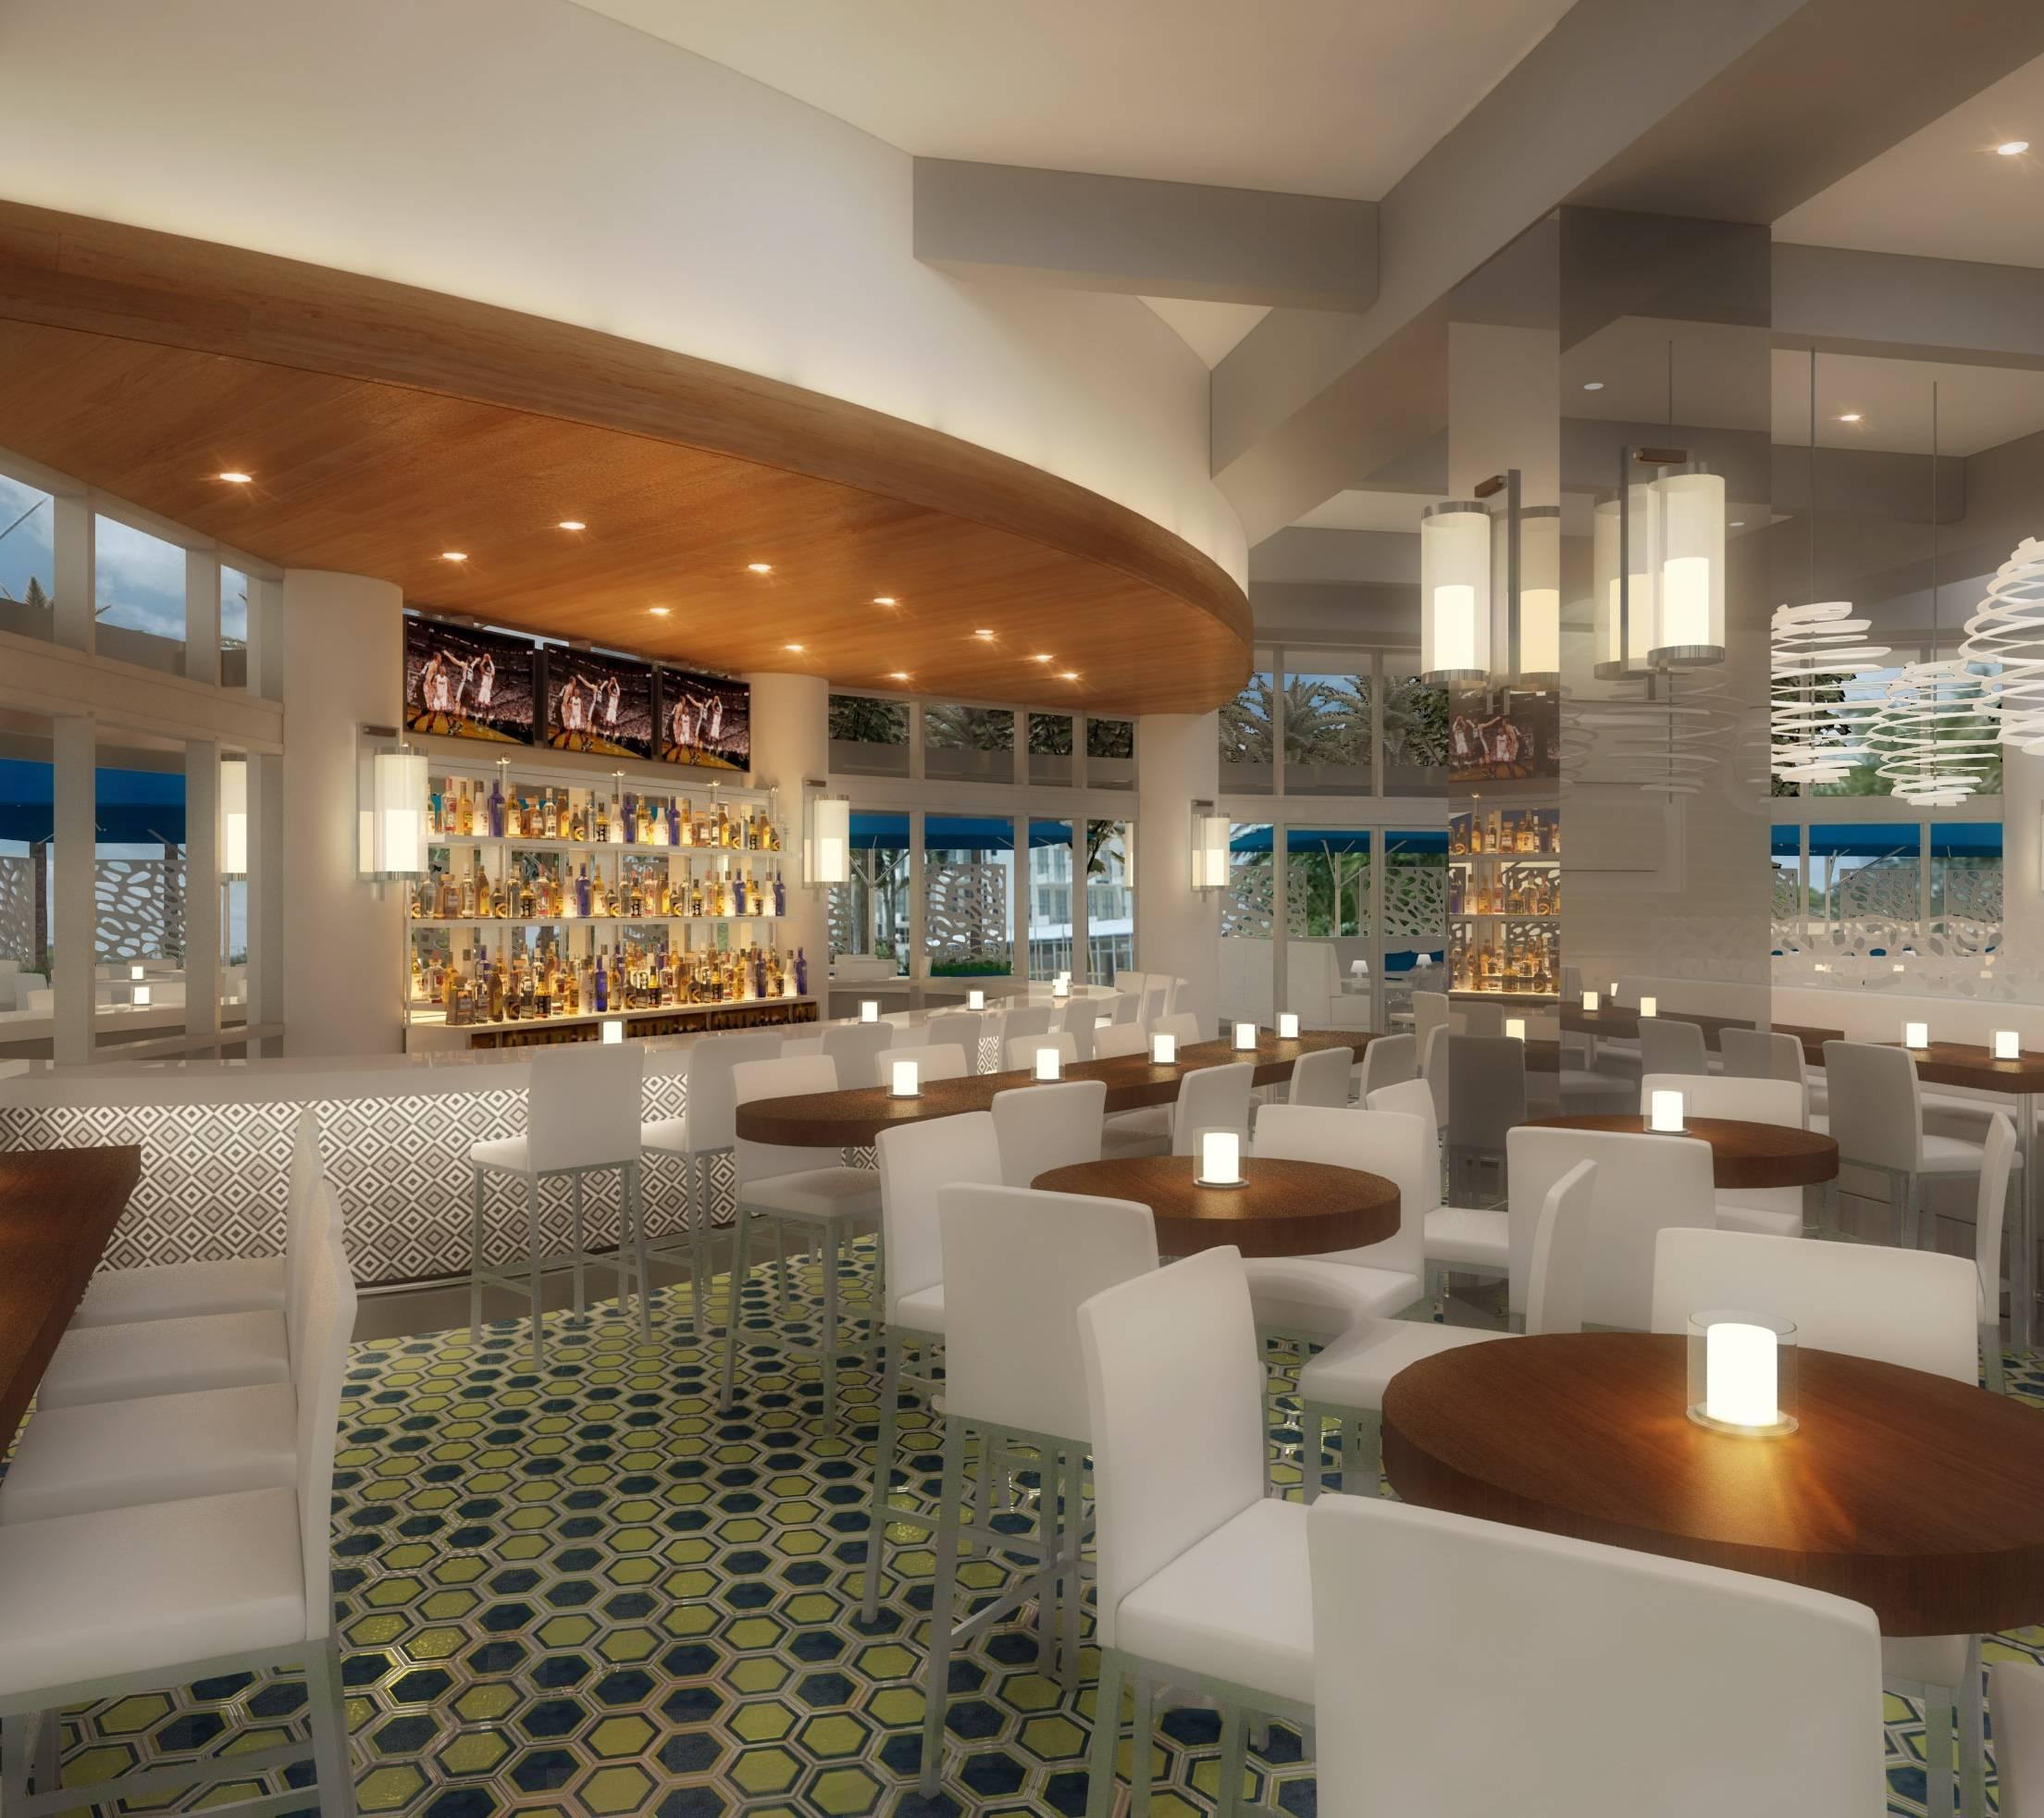 Mediterranean Restaurant Apeiro To Open In Midtown Miami This Fall